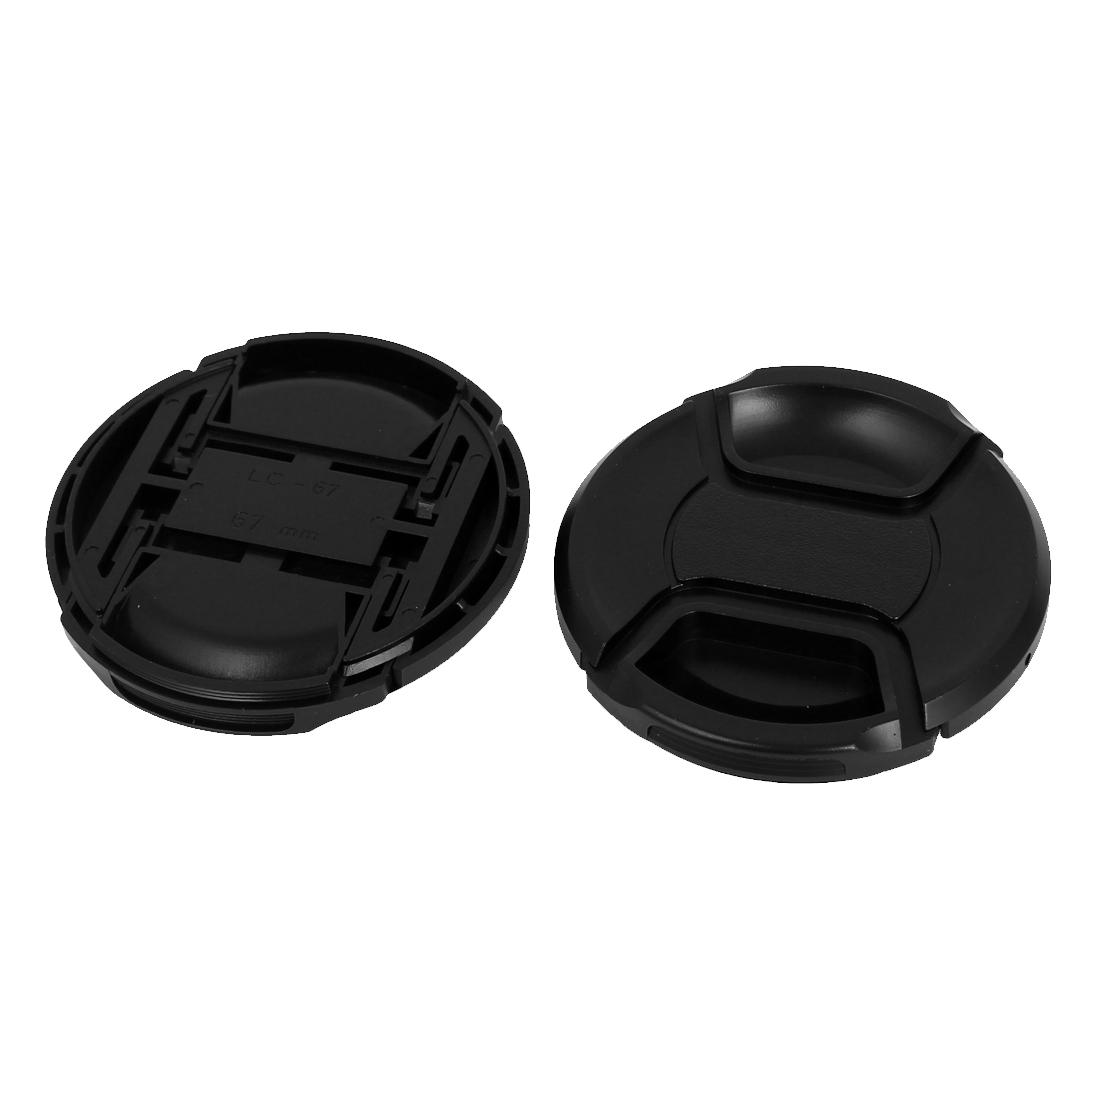 67mm Dia Plastic Front Snap Digital Camera Lens Caps Cover Protector Black 2Pcs